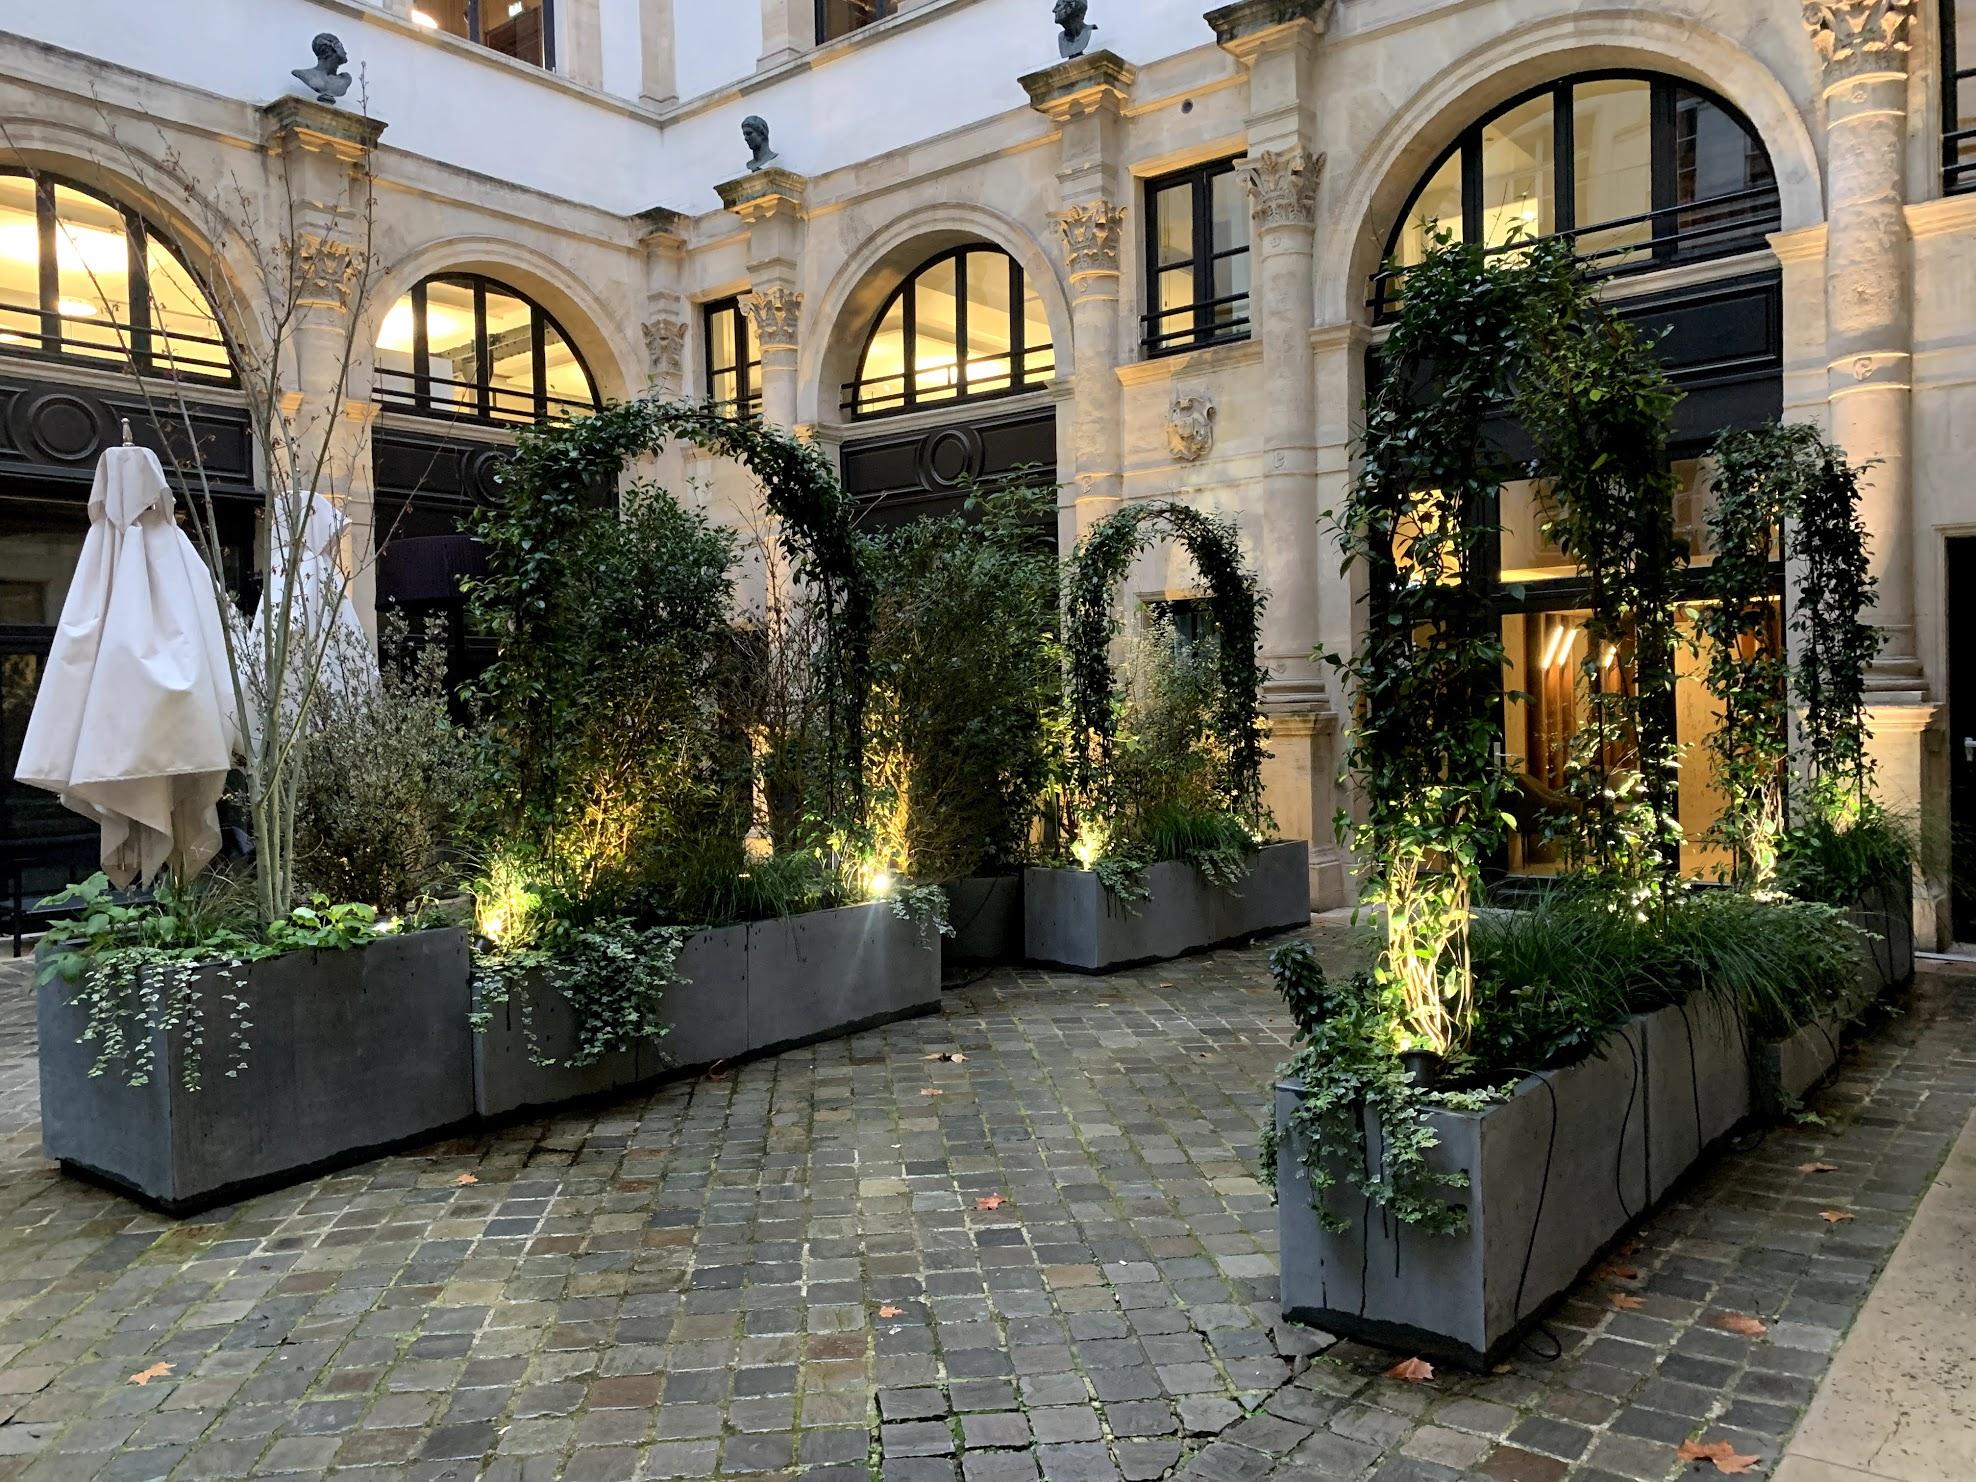 Paysagiste Paris Ile de France - Hôtel de Pourtalès